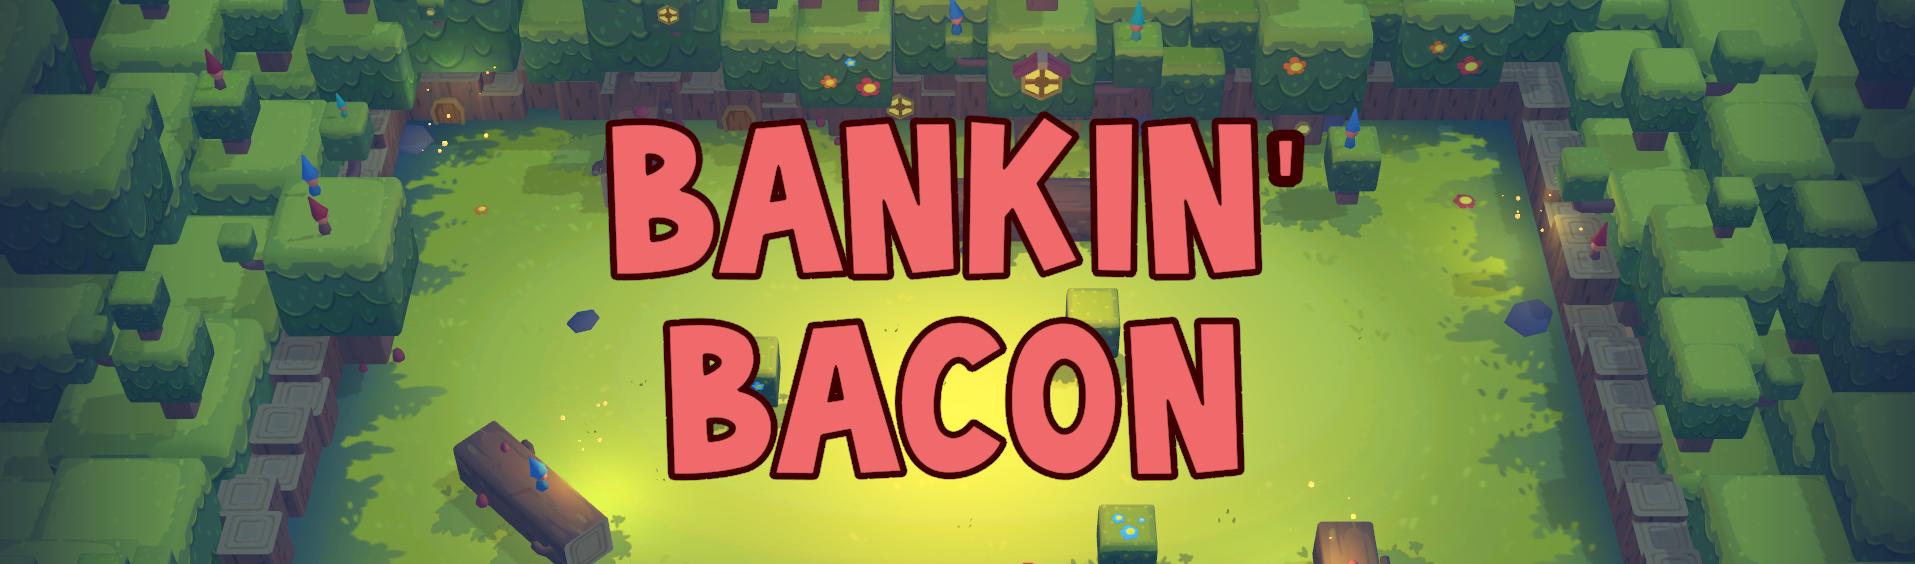 Bankin'Bacon